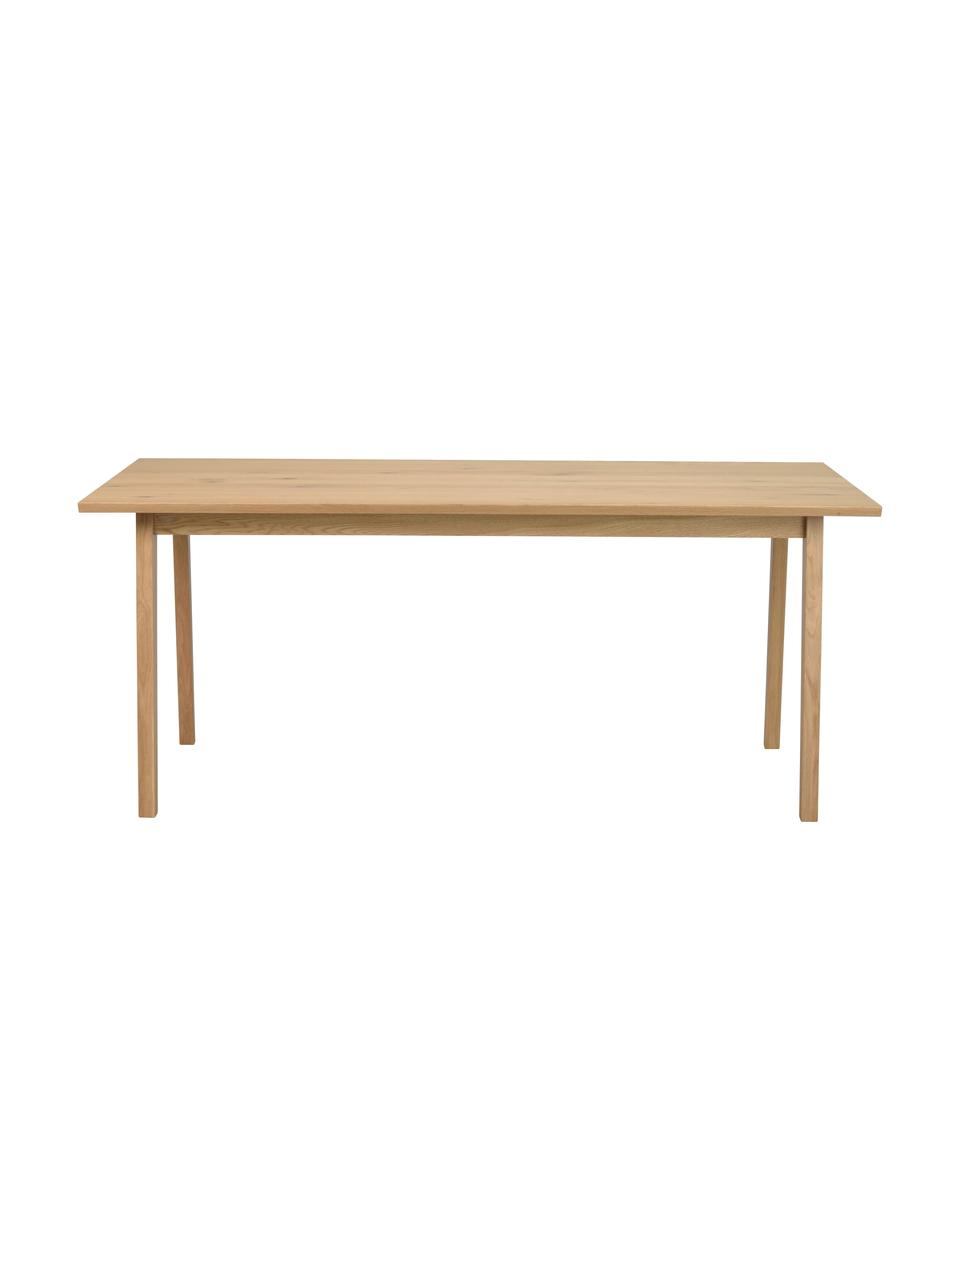 Stół do jadalni Melfort, Nogi: lite drewno brzozowe z fo, Jasny brązowy, S 180 x G 90 cm